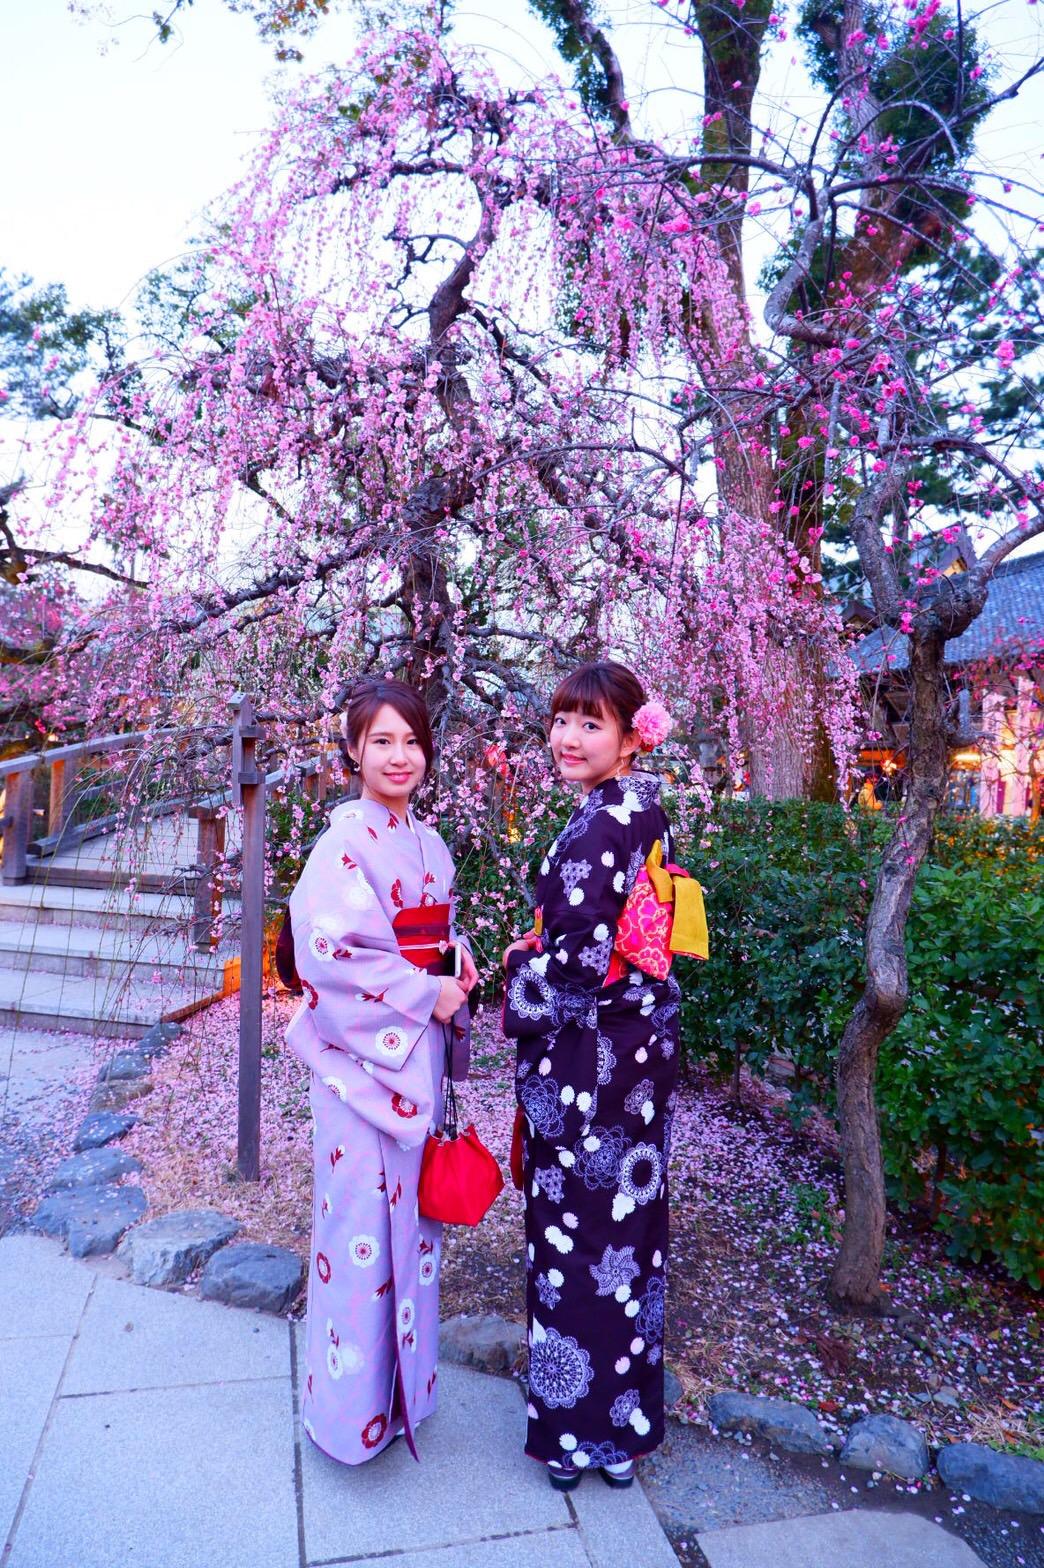 福岡から卒業旅行で東山花灯路へ♪2019年3月16日2